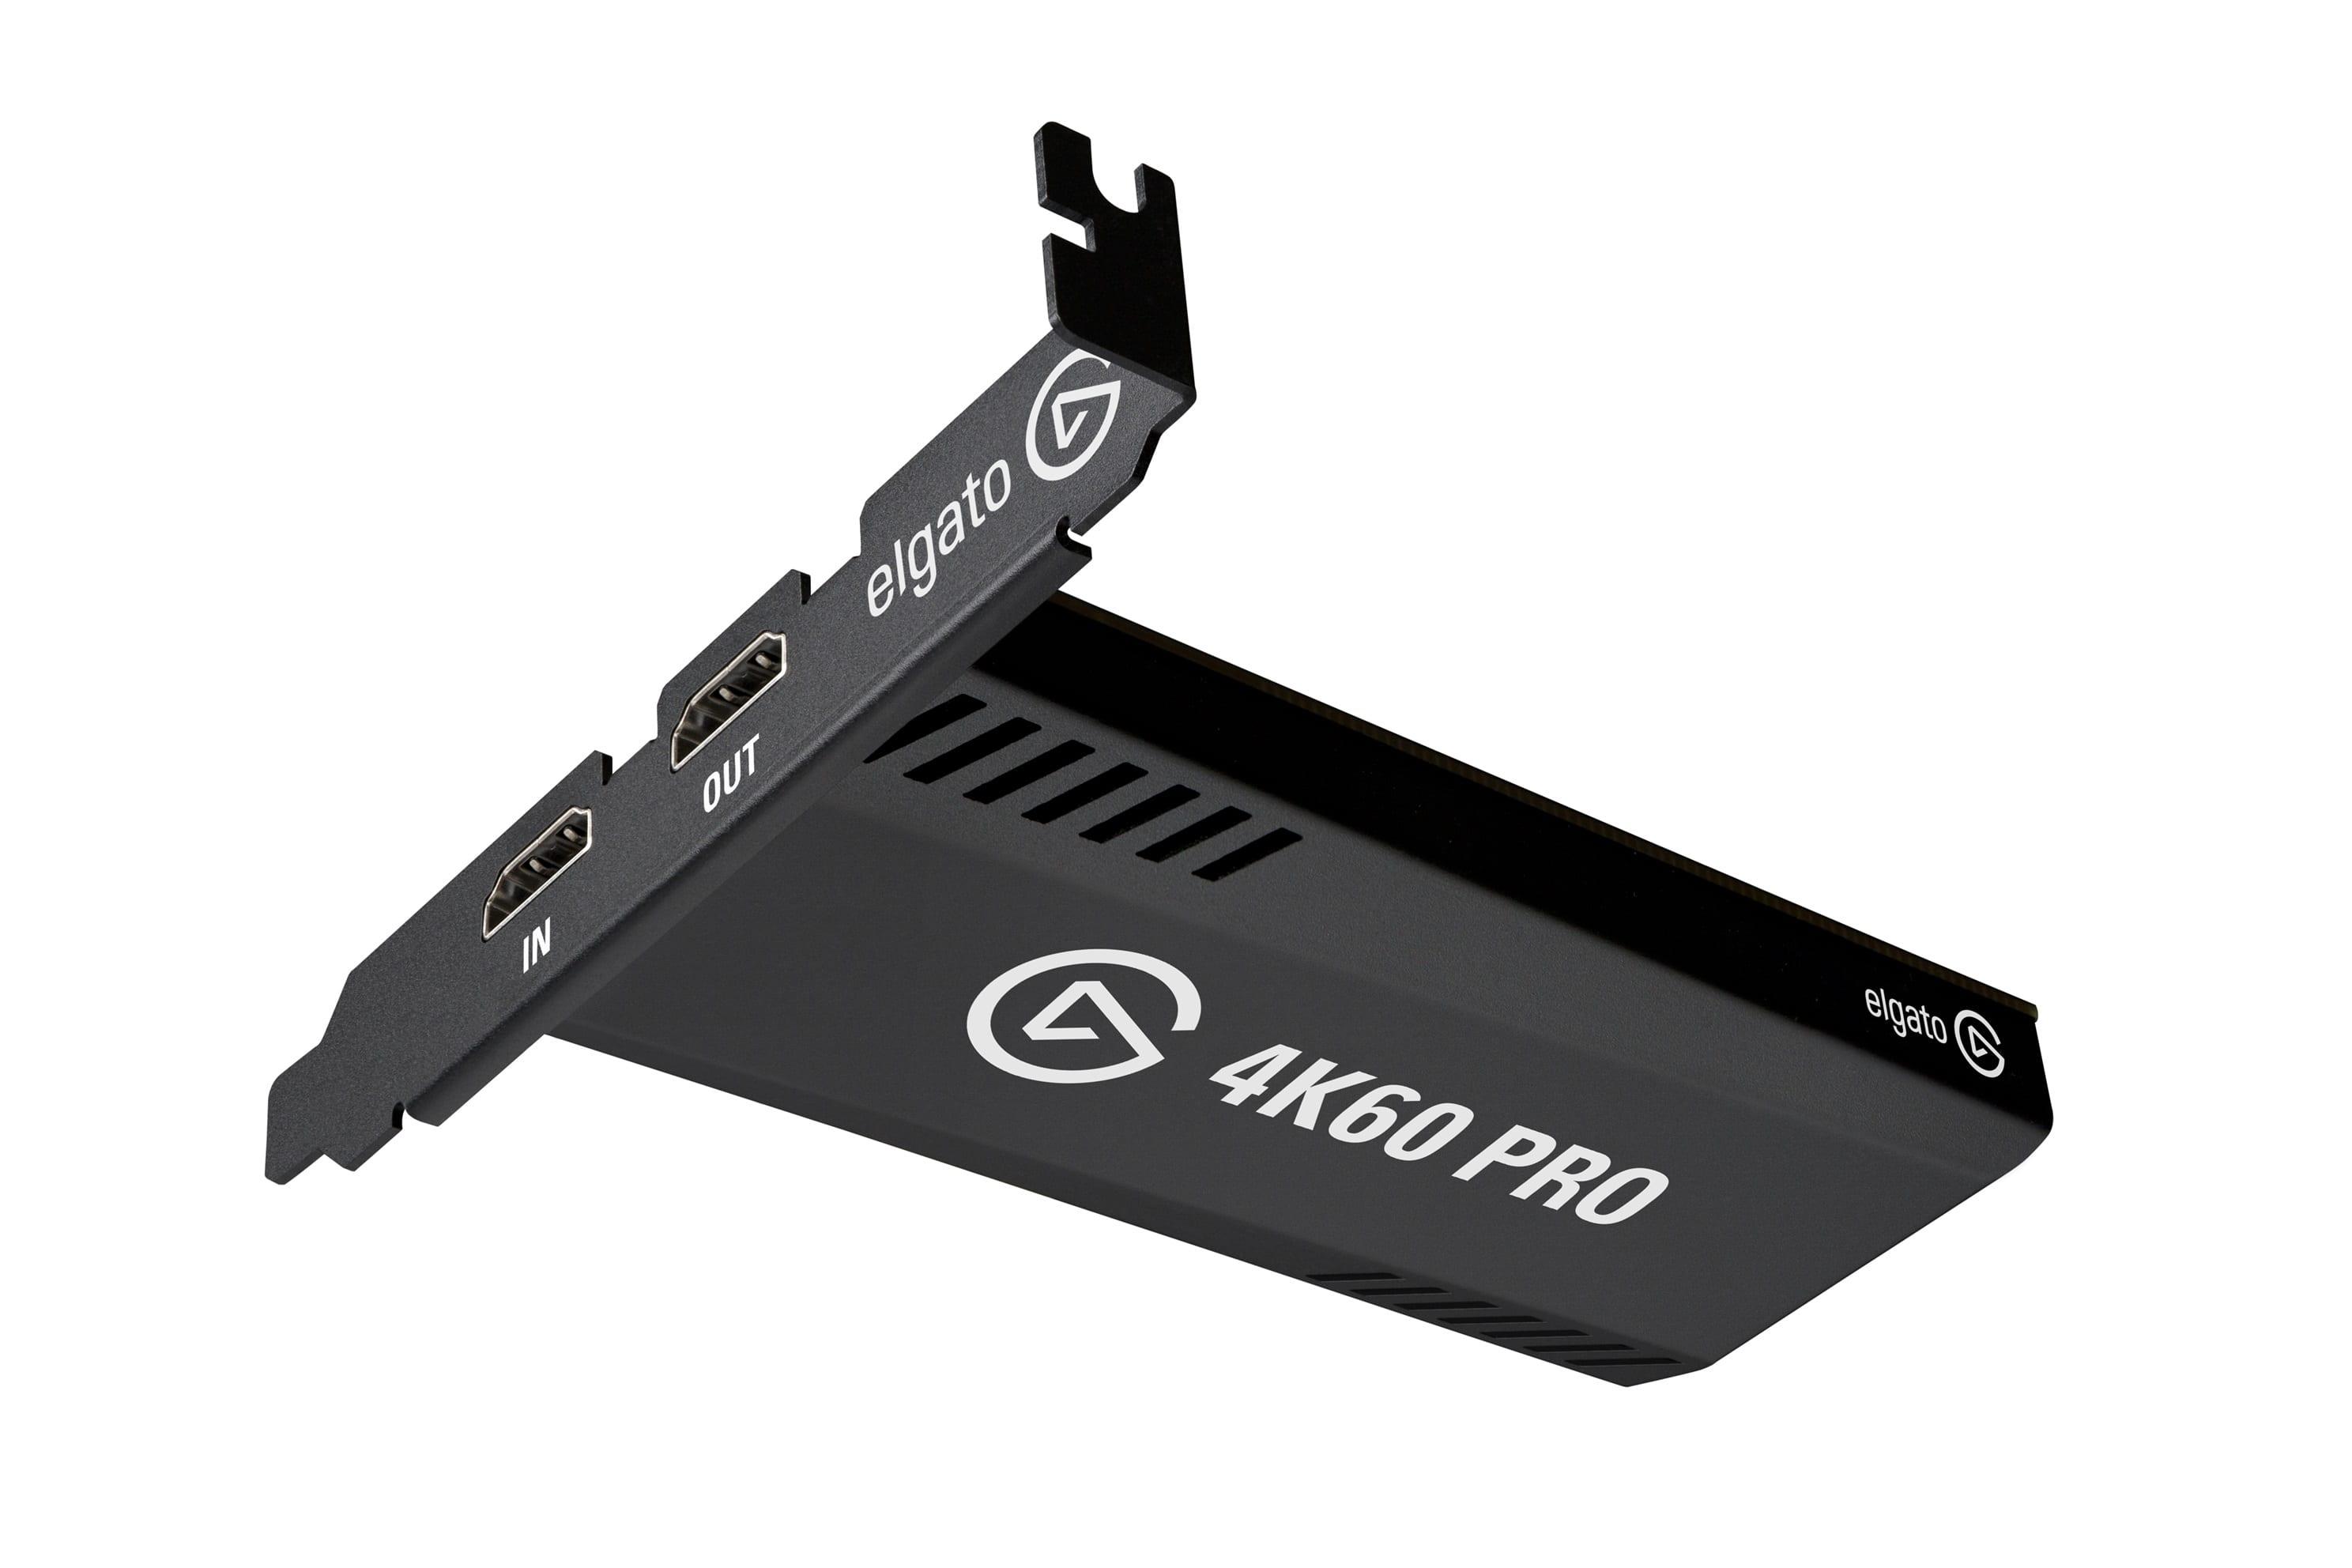 , Elgato presenta la scheda di acquisizione 4K60 Pro MK.2